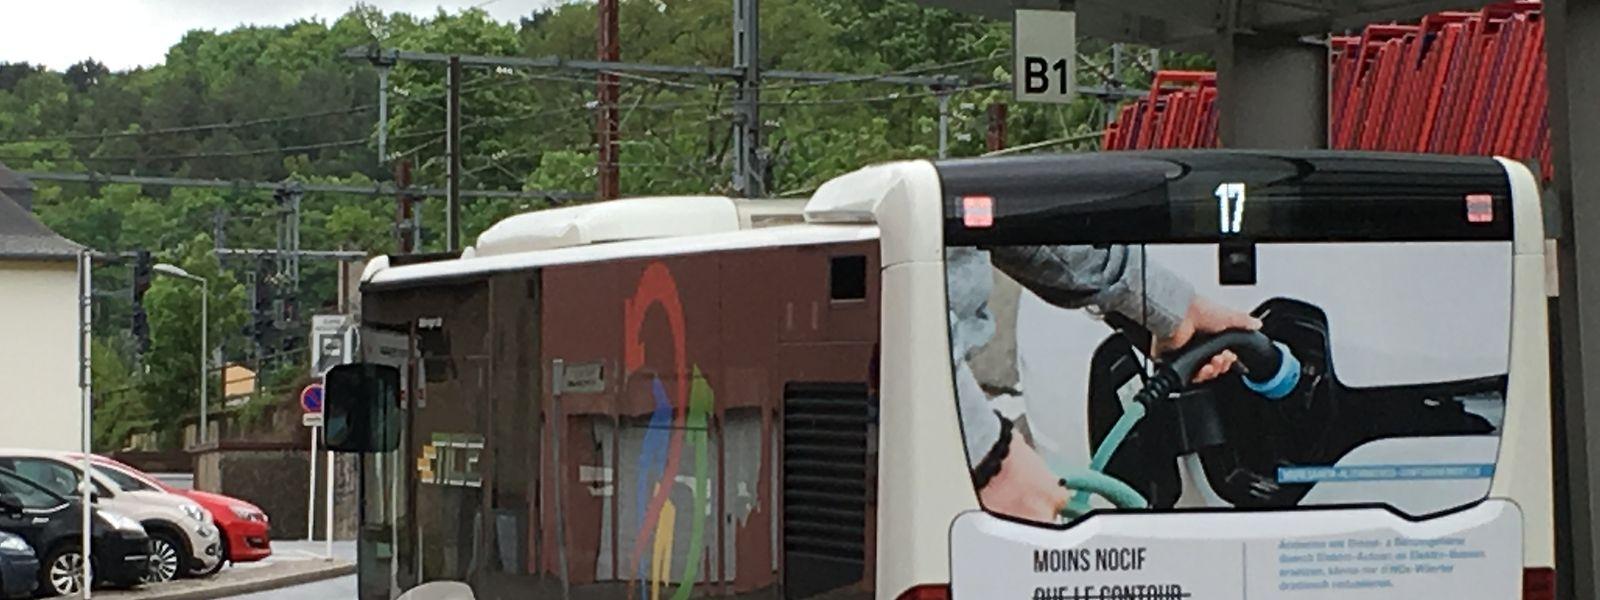 Werbung gegen Mitgliedsgemeinden auf Tice-Bussen ist künftig nicht mehr erlaubt. Indes bleibt der Preis der ganzen Kampagne ein Sassenheimer Geheimnis.